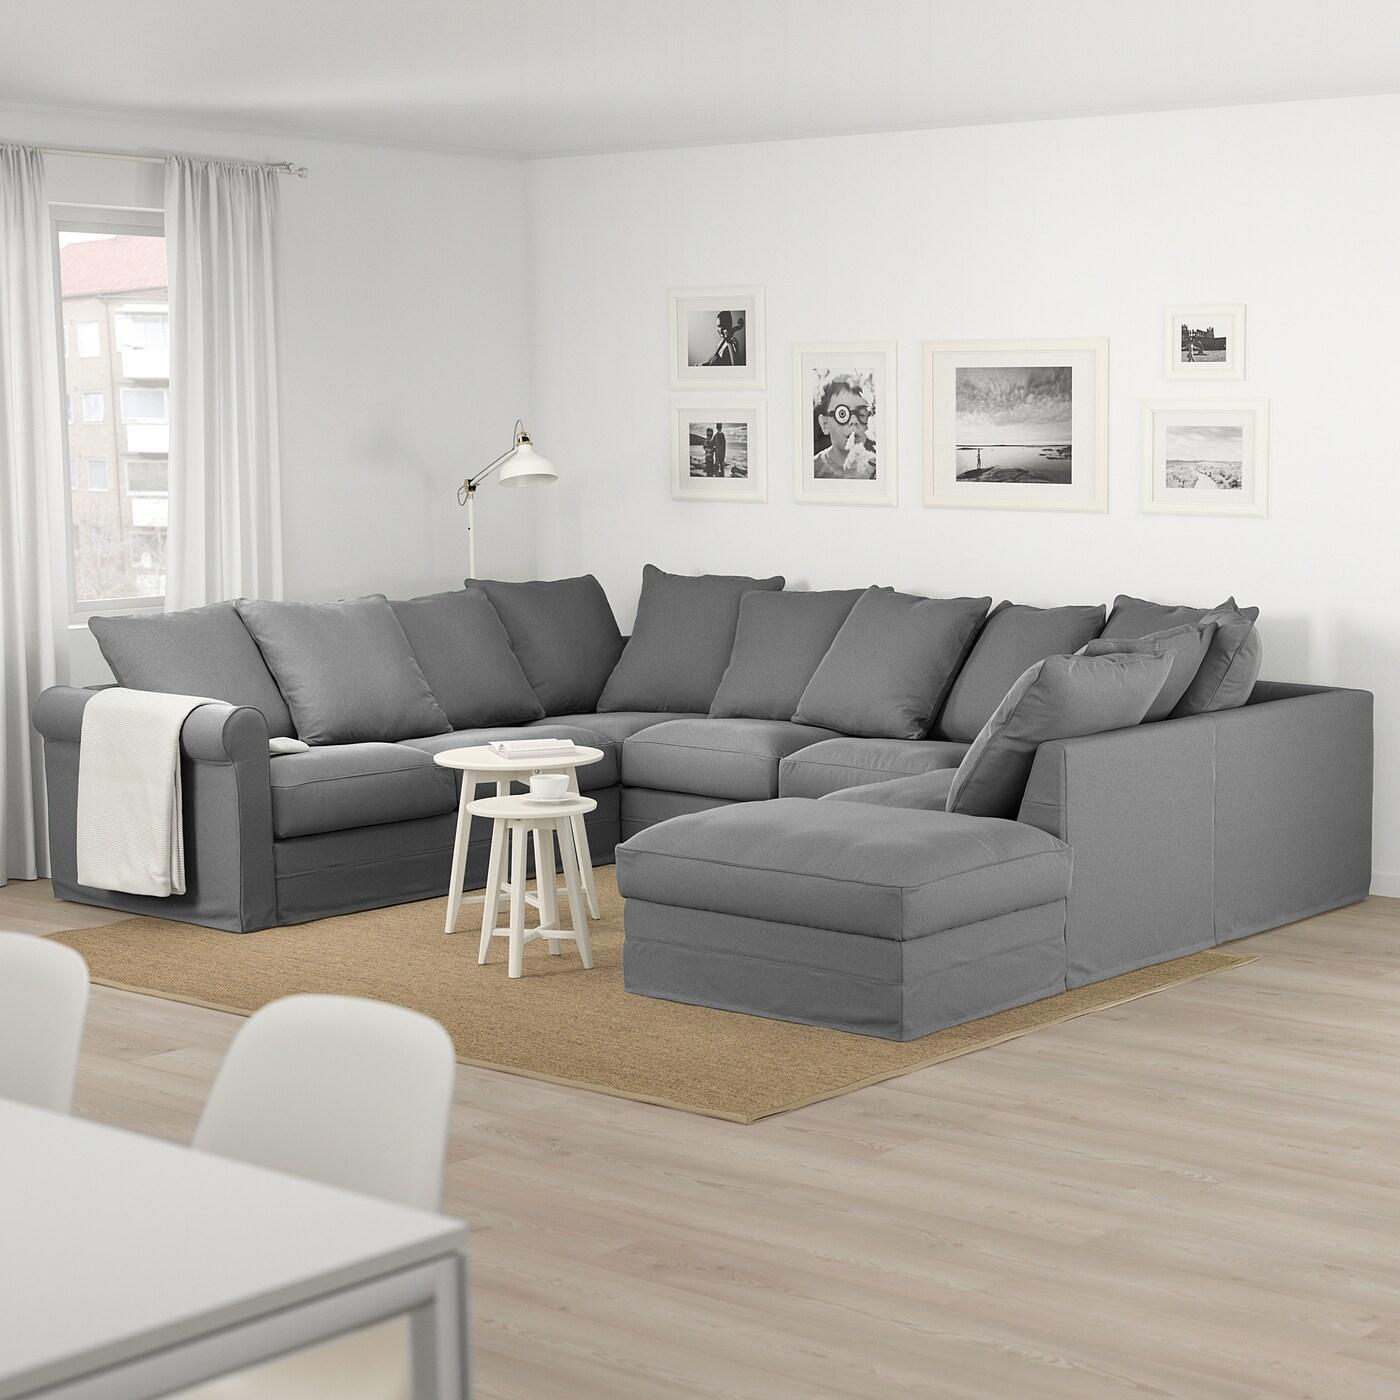 Wohnzimmer Couch U Form